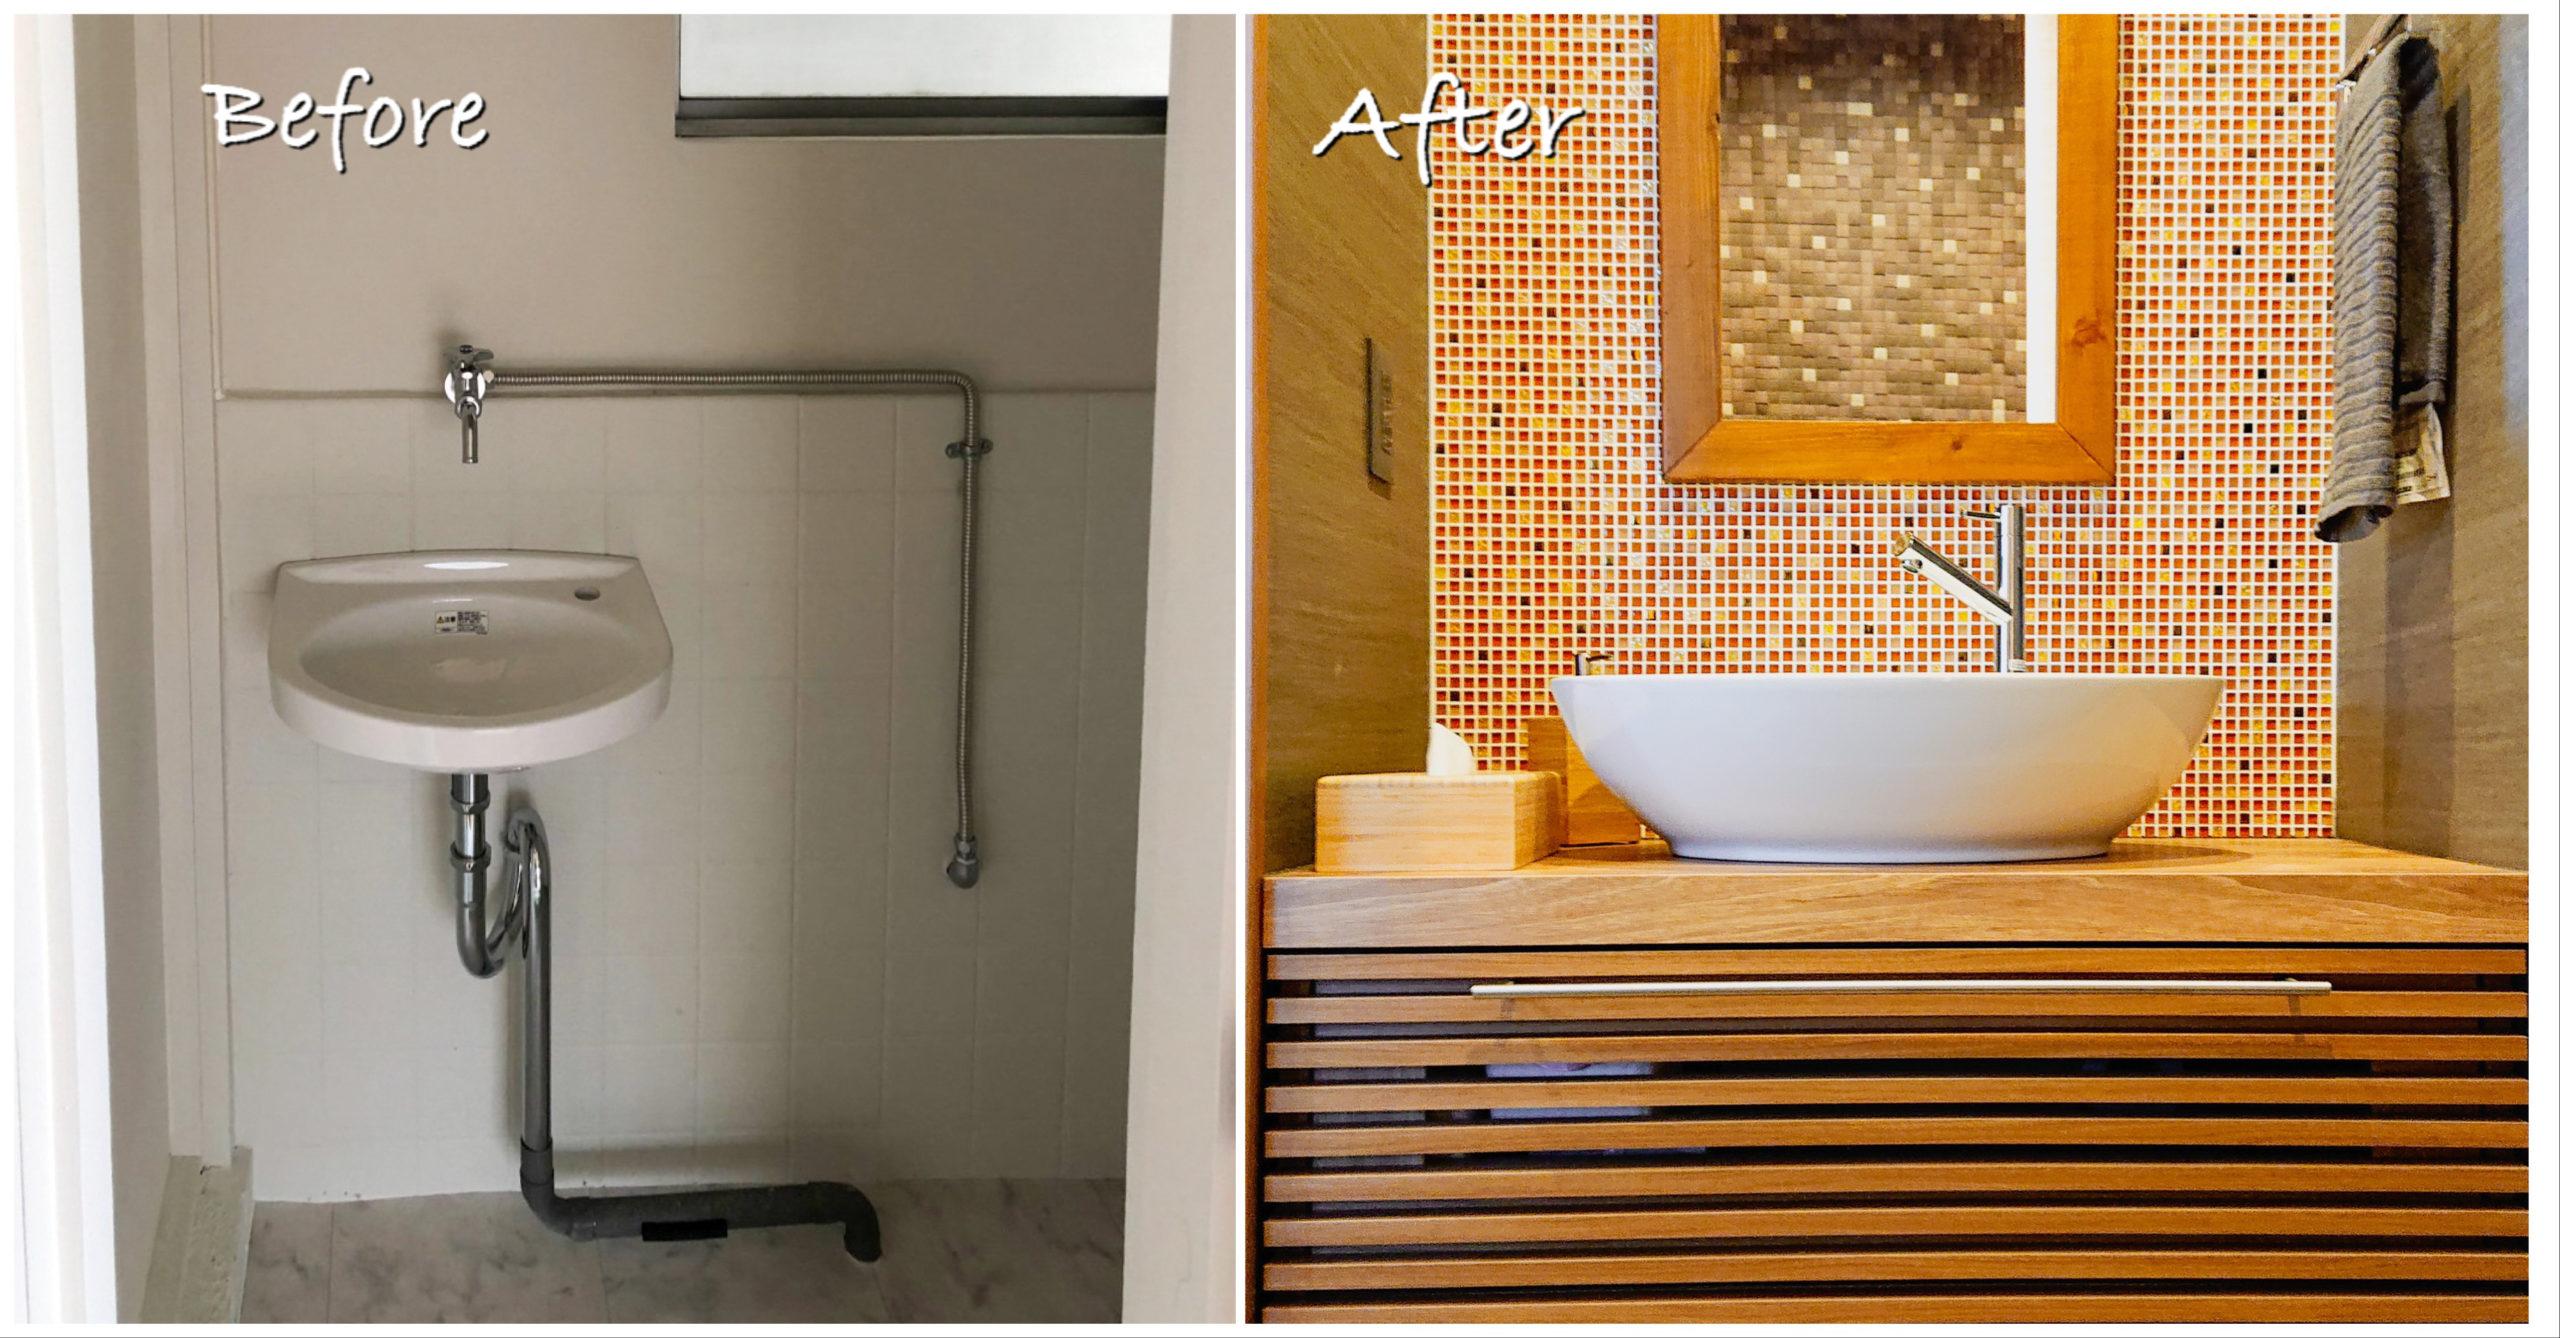 水回り・手洗いカウンターのあるトイレ~築50年以上・賃貸戸建て全面リノベーション事例~